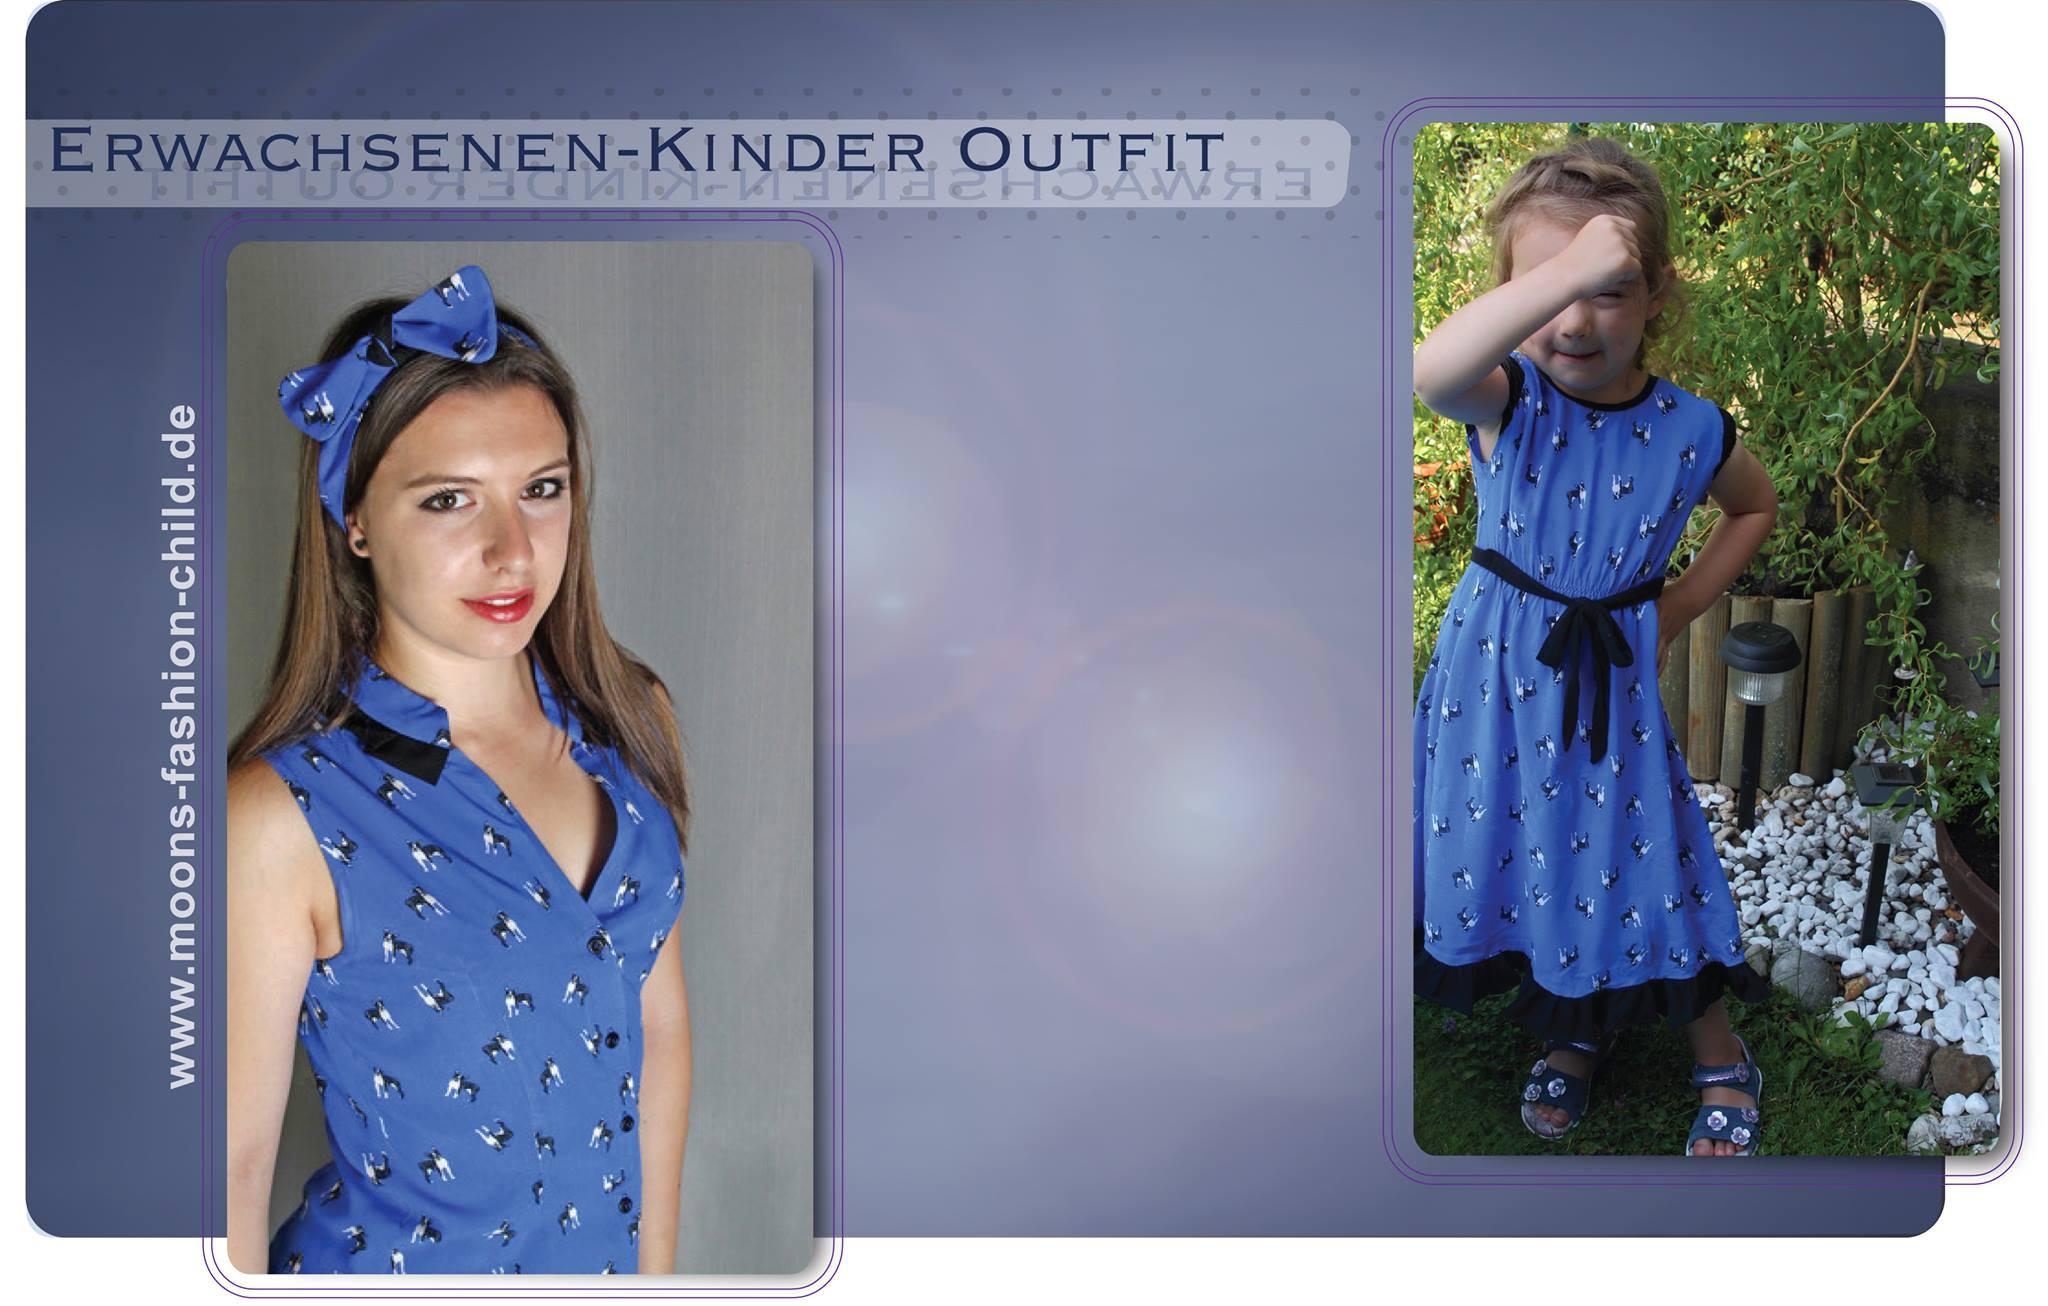 Mutter-Kind-Outfits unterstreichen Mamas guten Stil